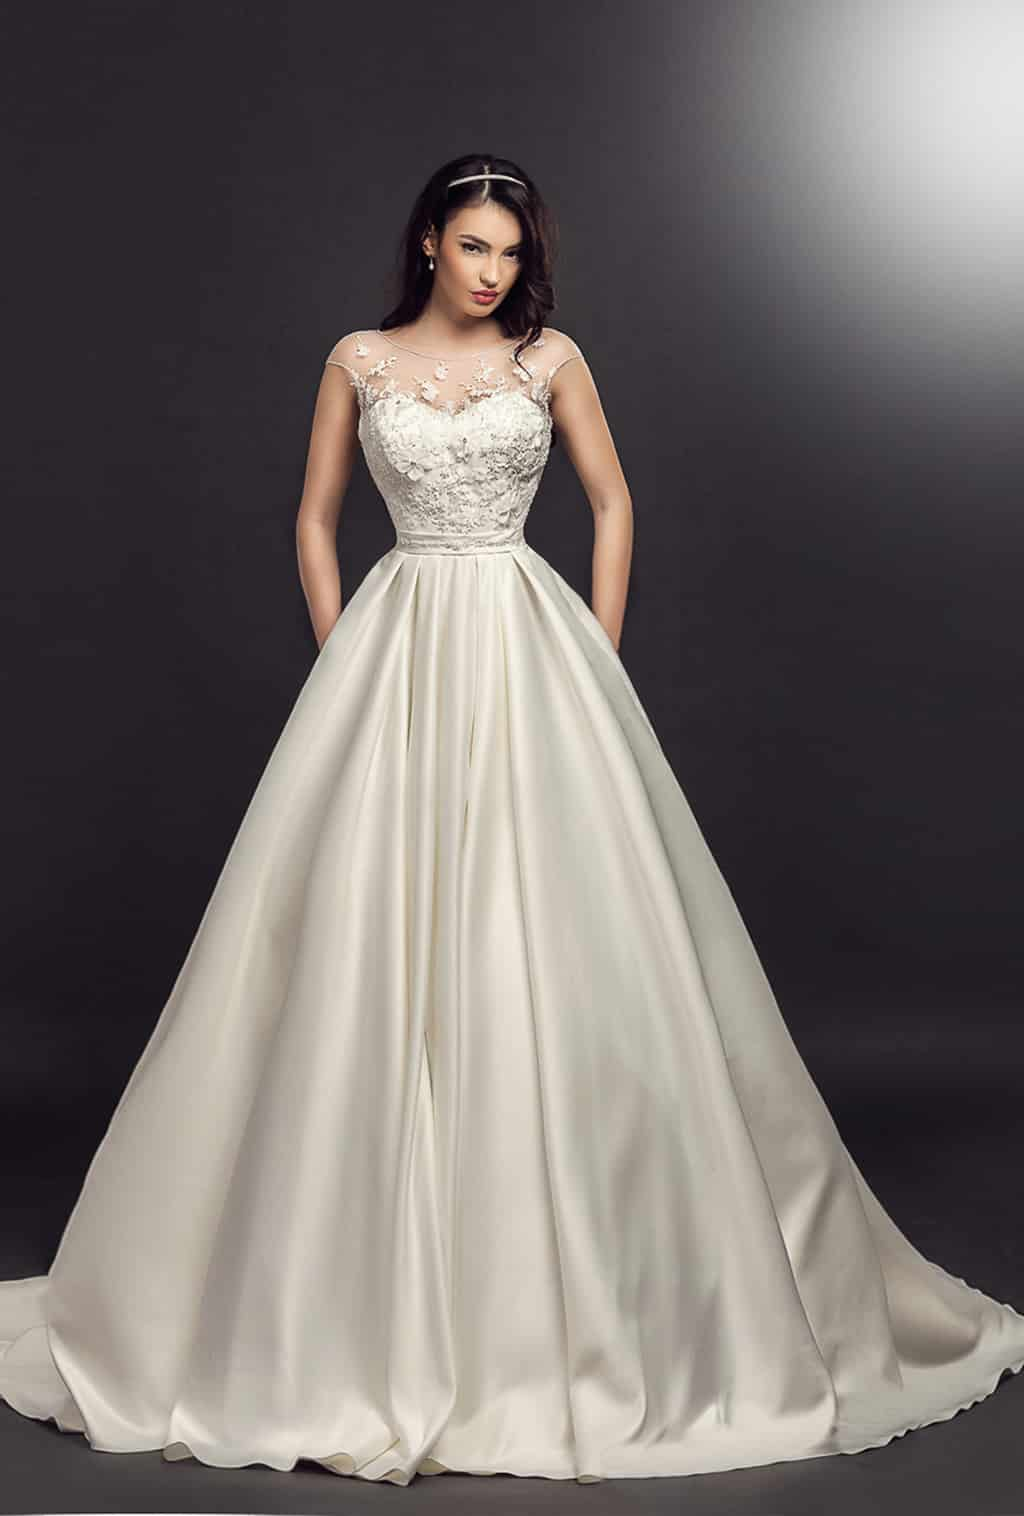 Rochie de mireasa Primavera Model - Colectia Dreams - Adora Sposa